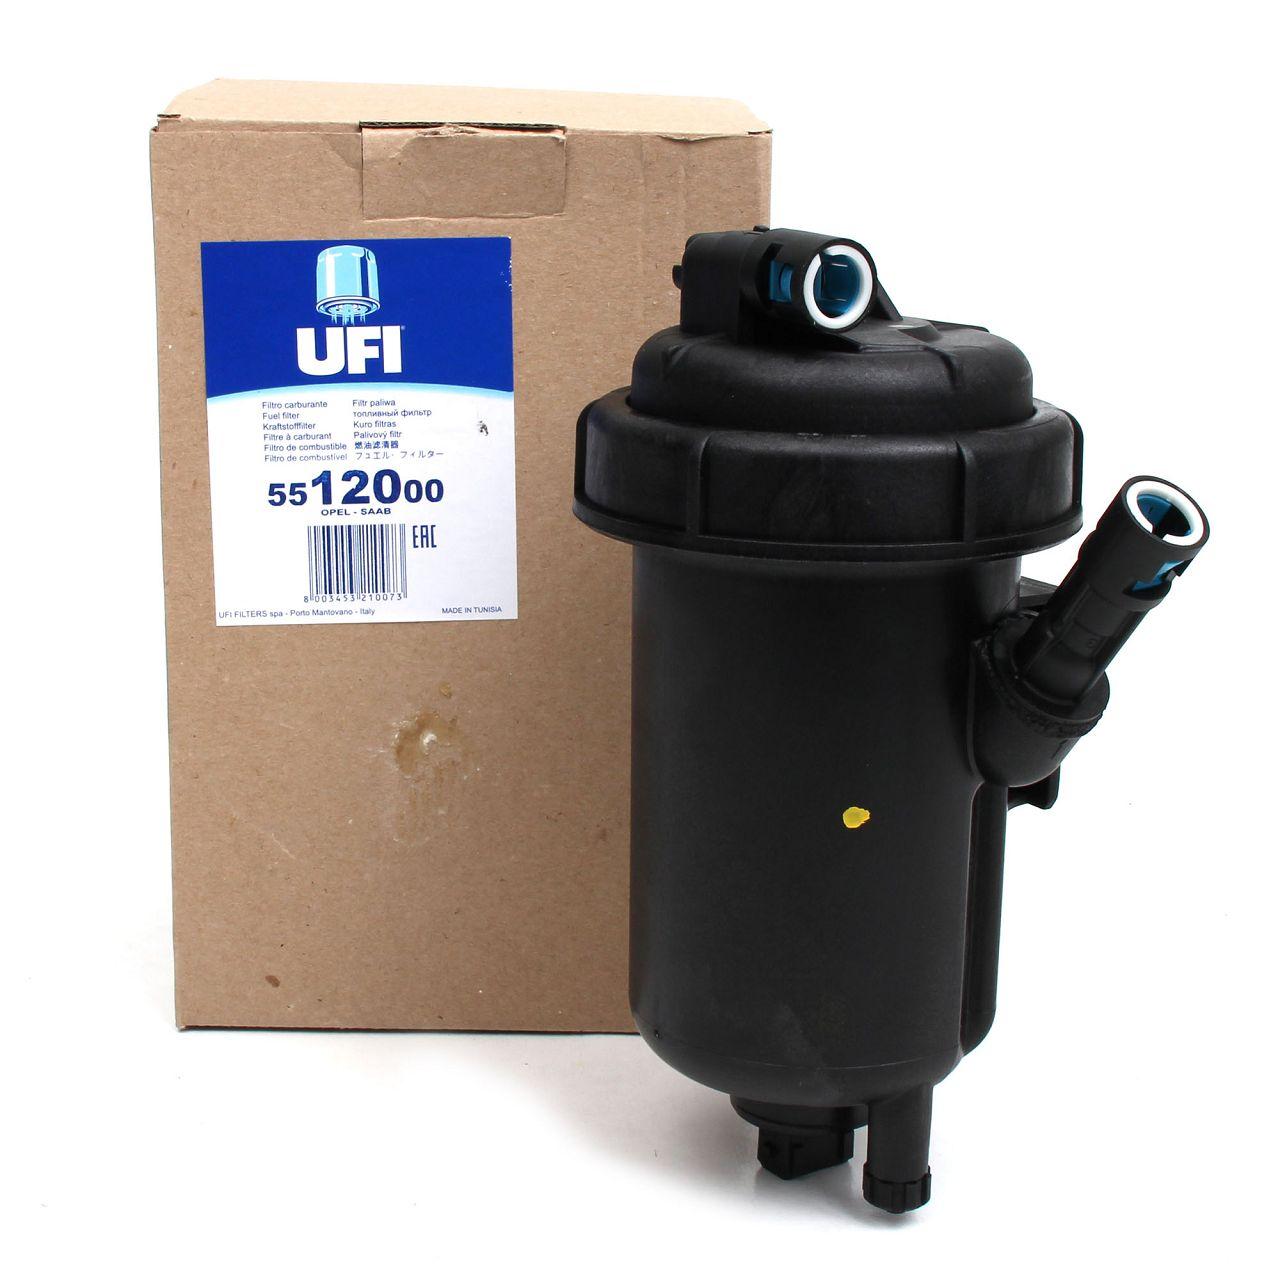 UFI Kraftstofffilter Dieselfilter für OPEL SIGNUM VECTRA C SAAB 9-3 1.9 DIESEL